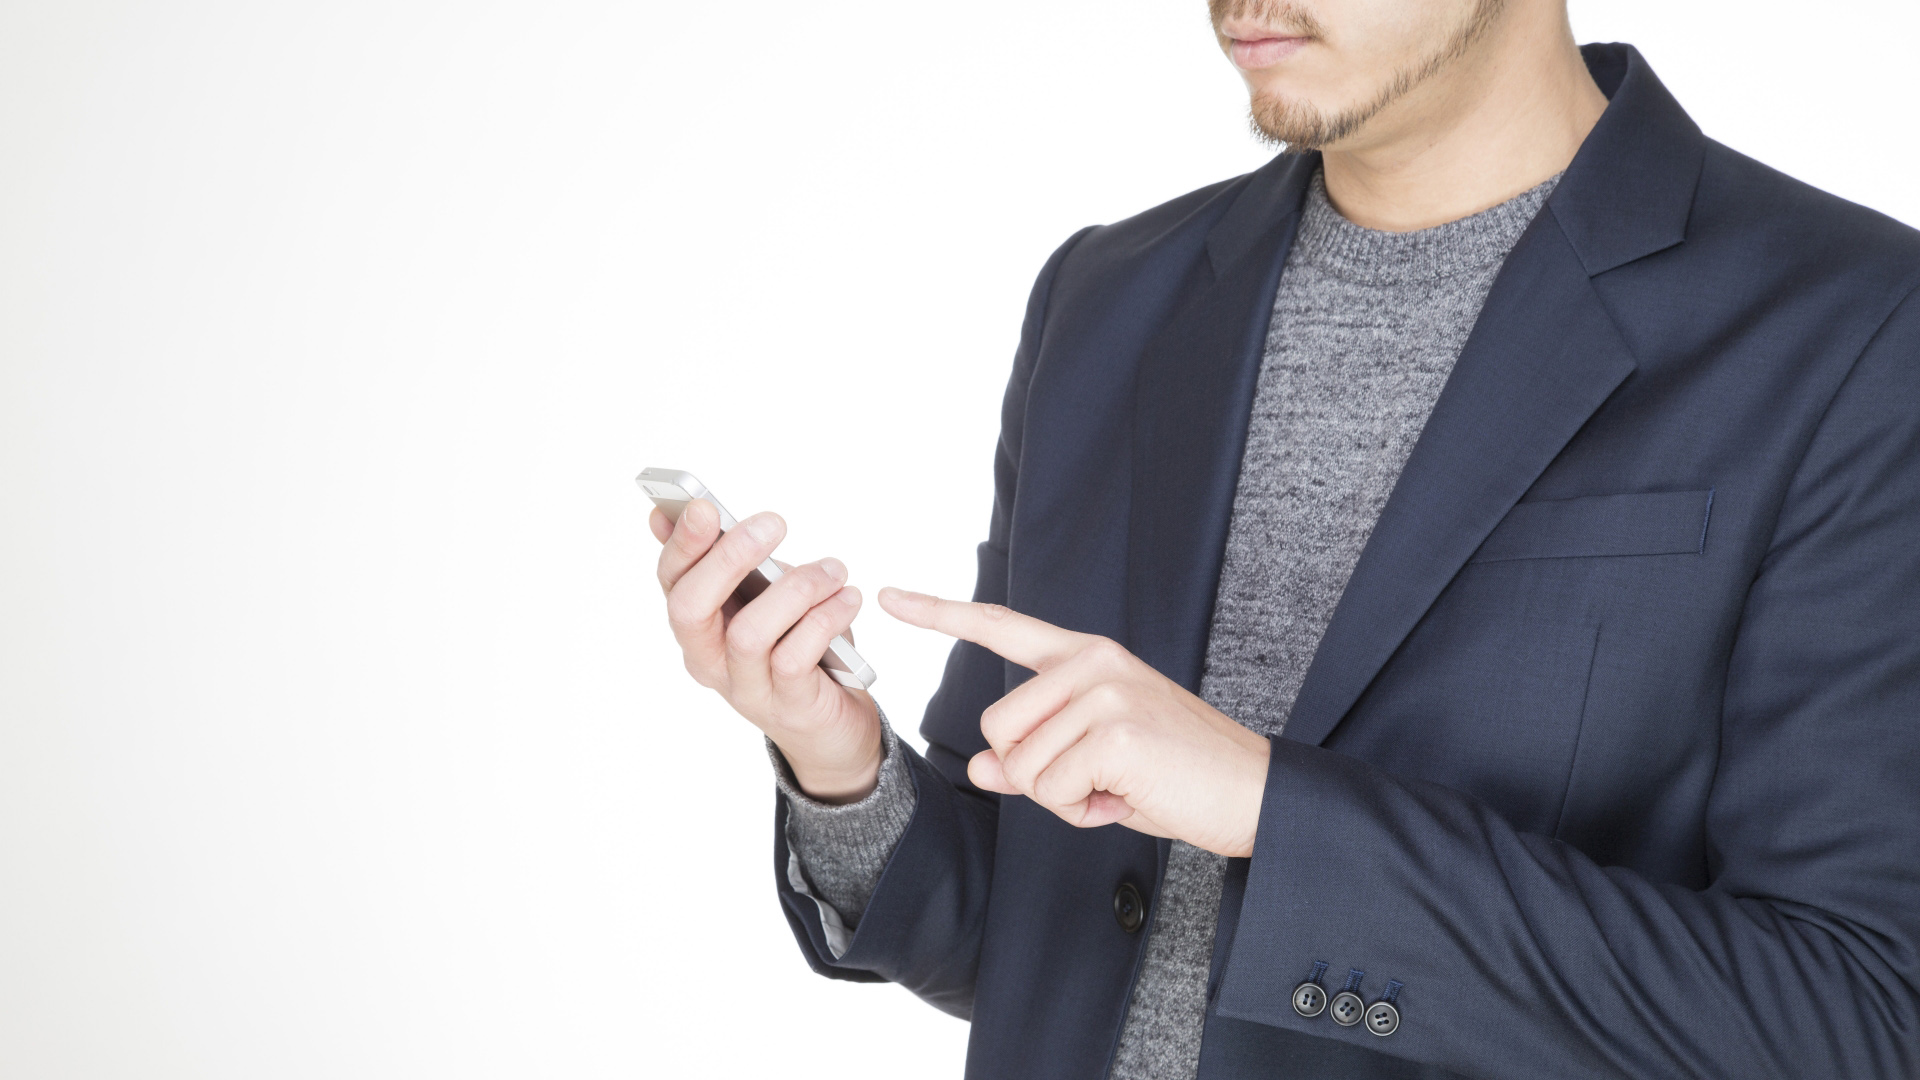 【メンズ】服のレンタルサービス3社を比較|ファッションサブスクサービス